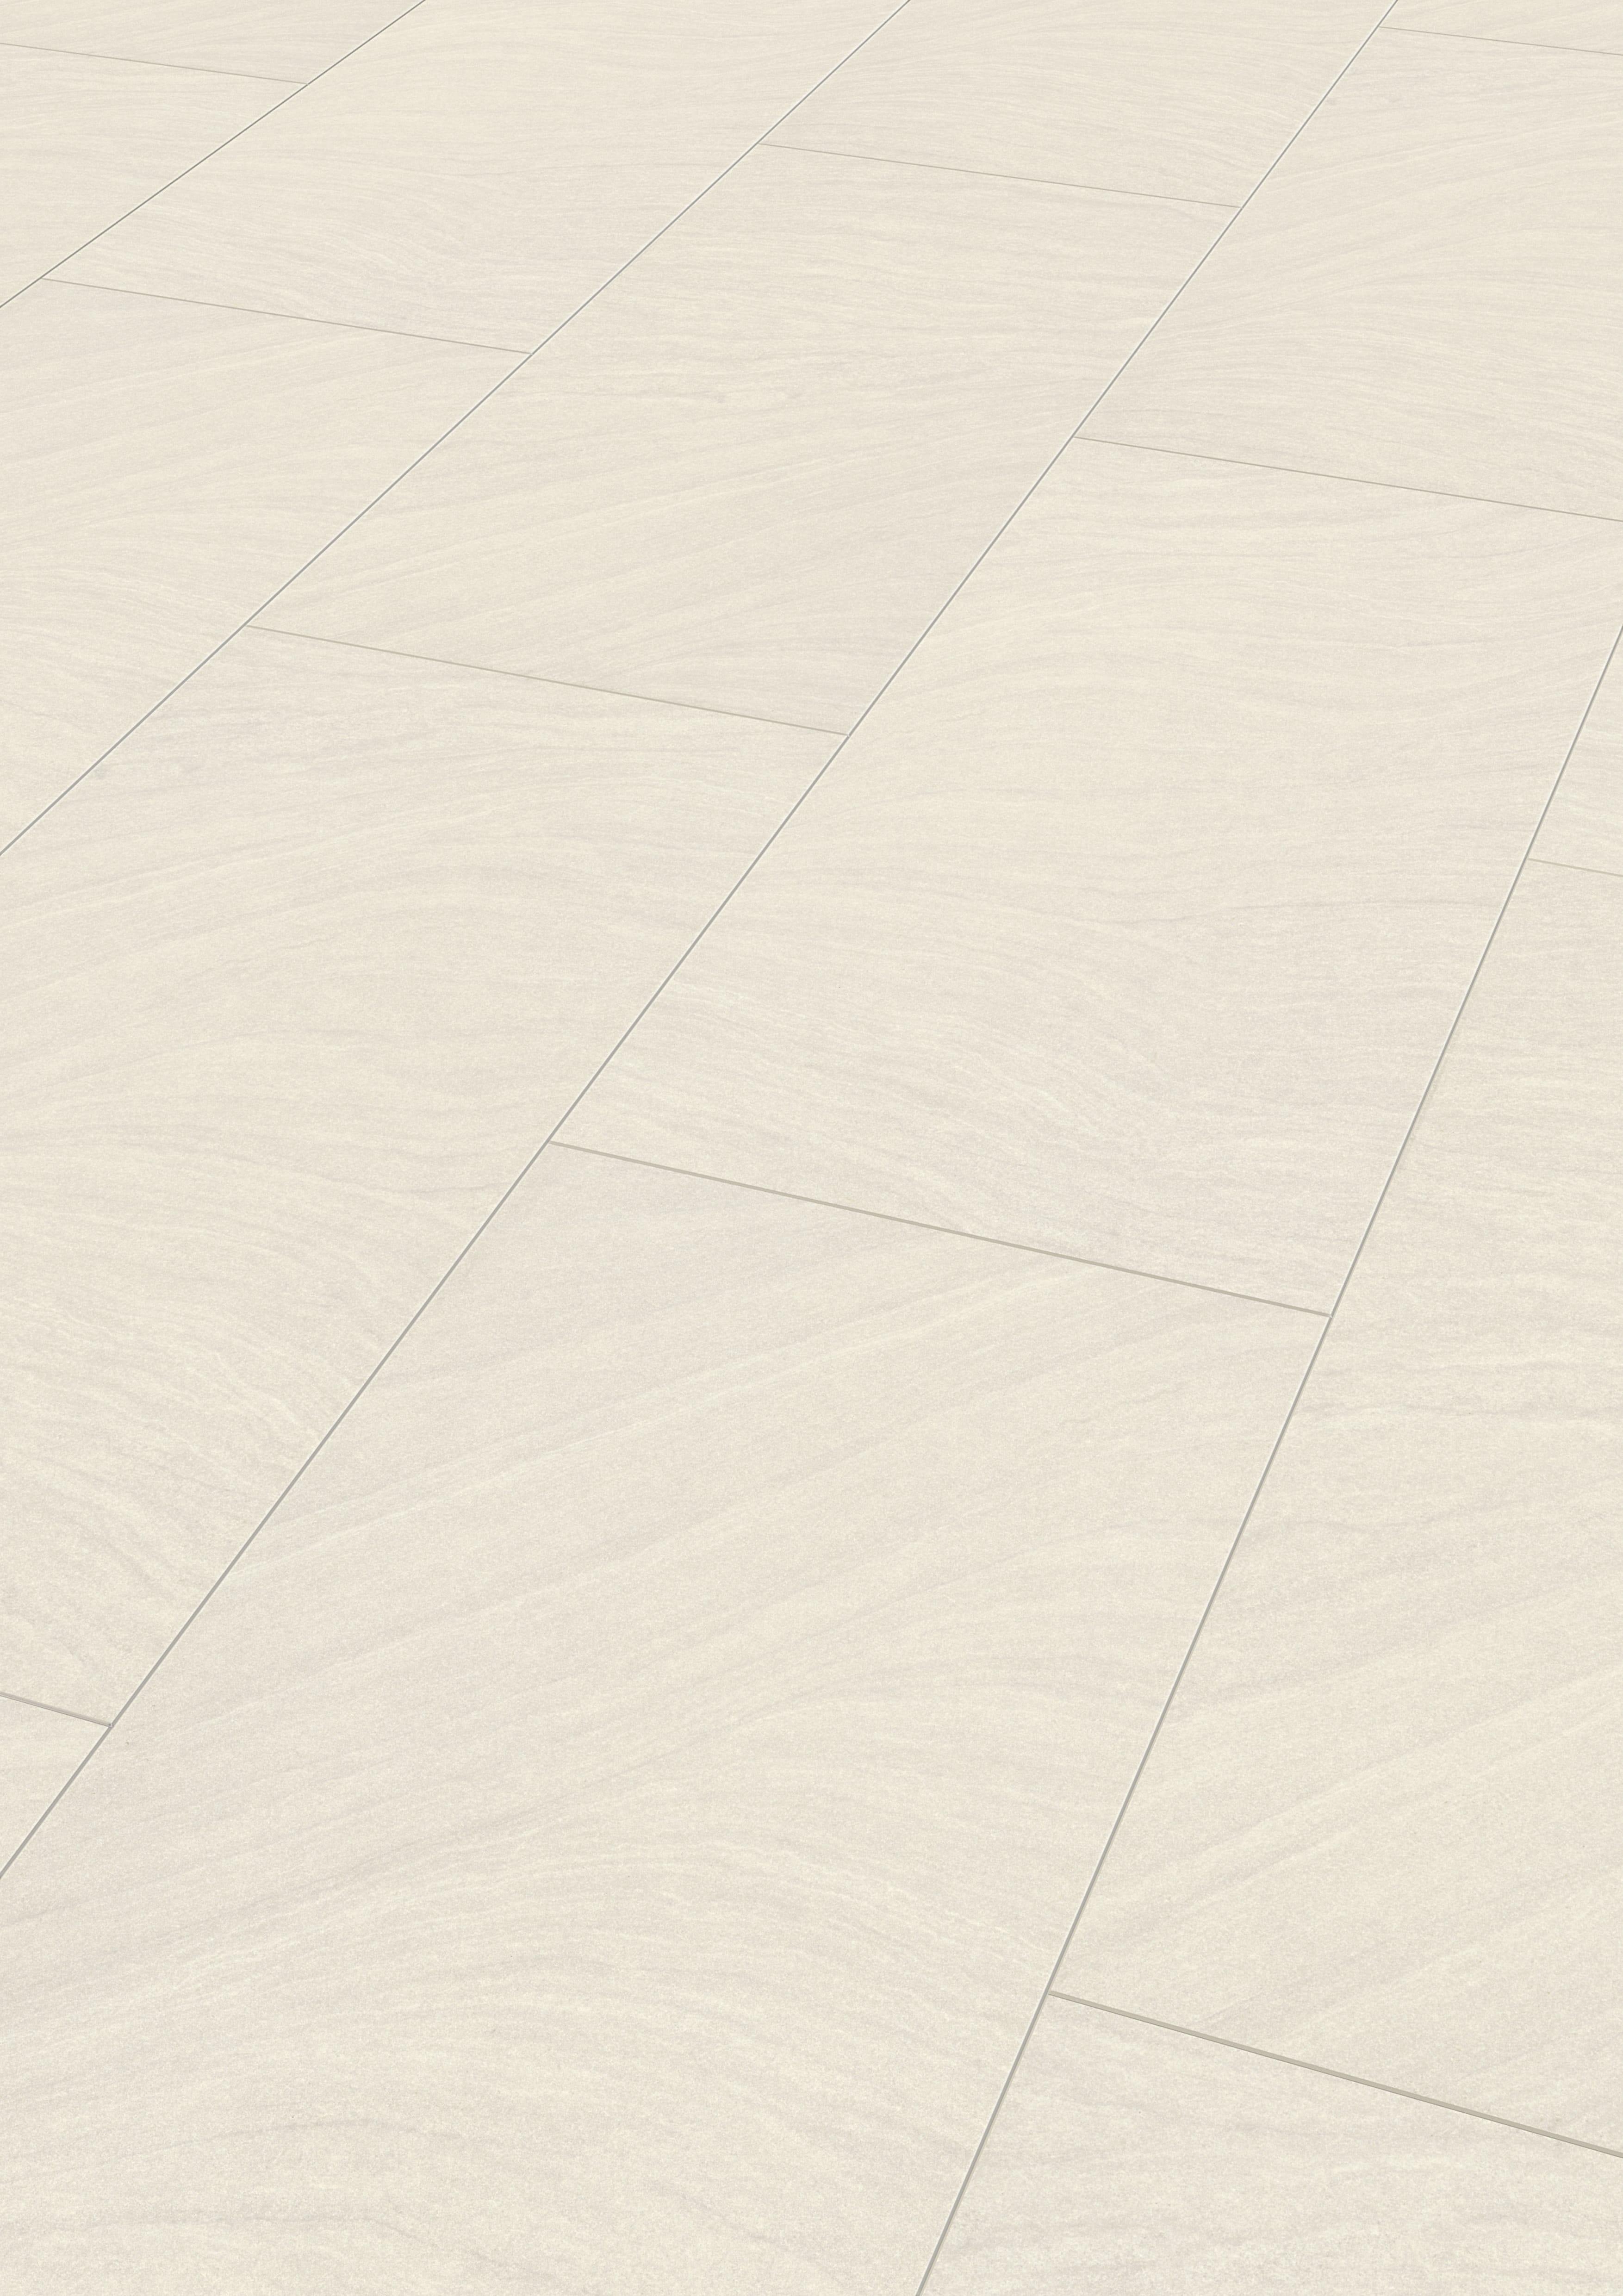 White Sandstone L6047 | Stone Pore Structure | Imitation